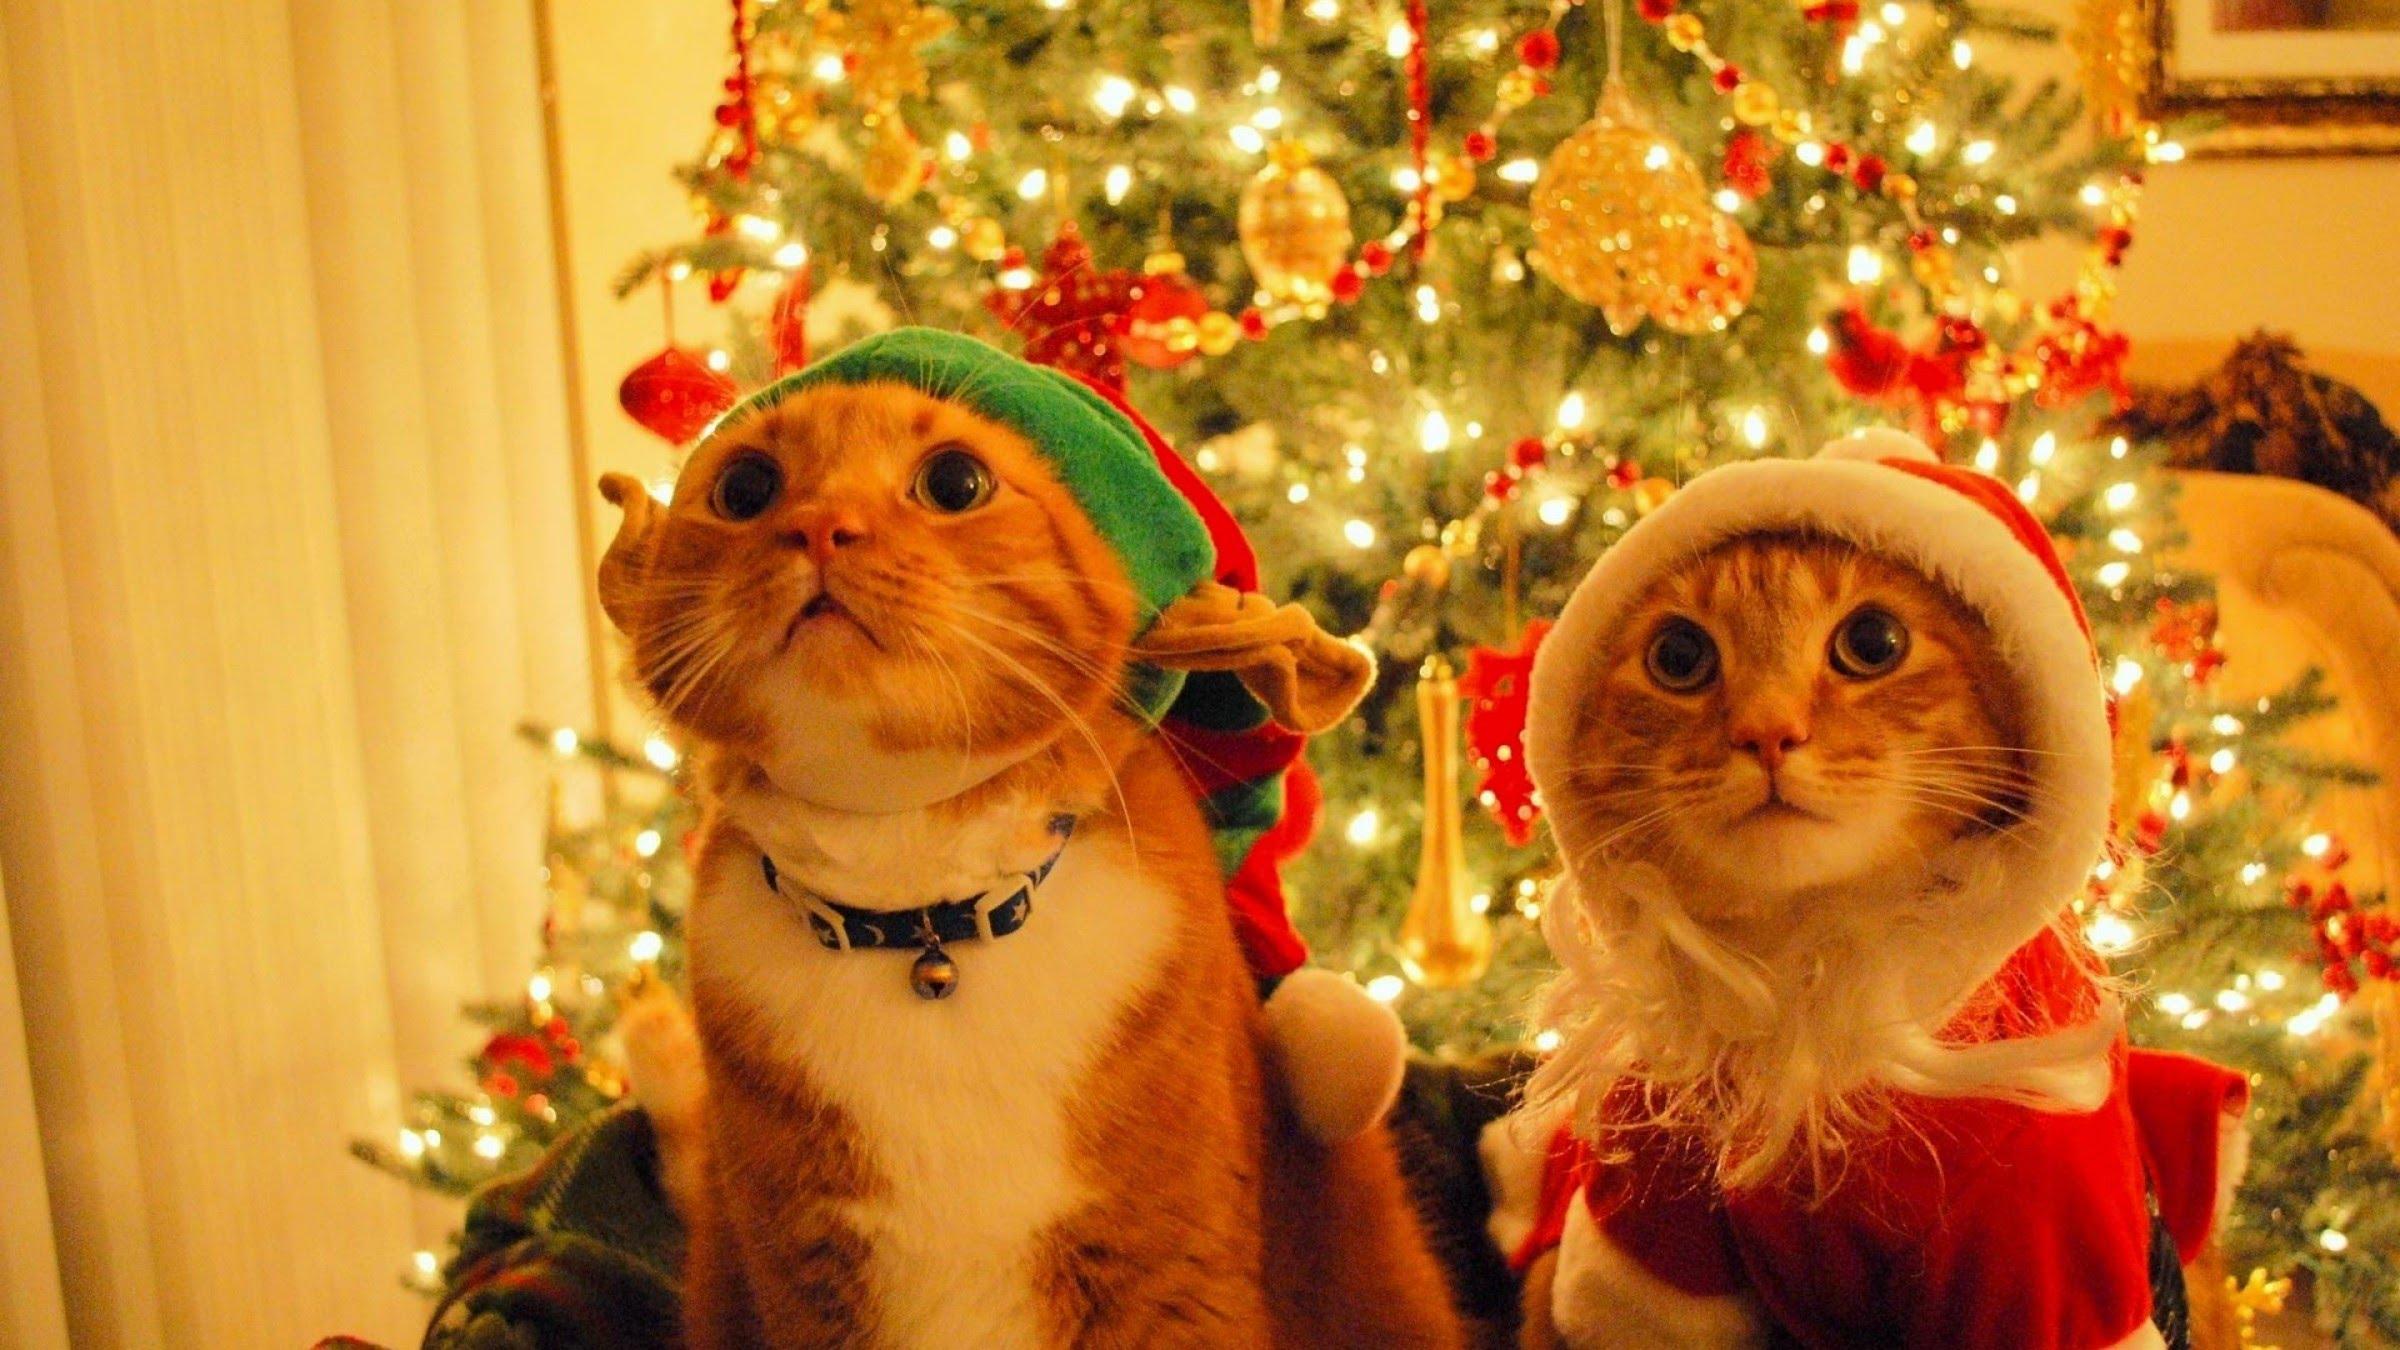 Дедушка Мороз, я Новый Год буду встречать со своими одинокими подругами... Пришли, пожалуйста, к нам на праздник своих отморозков.